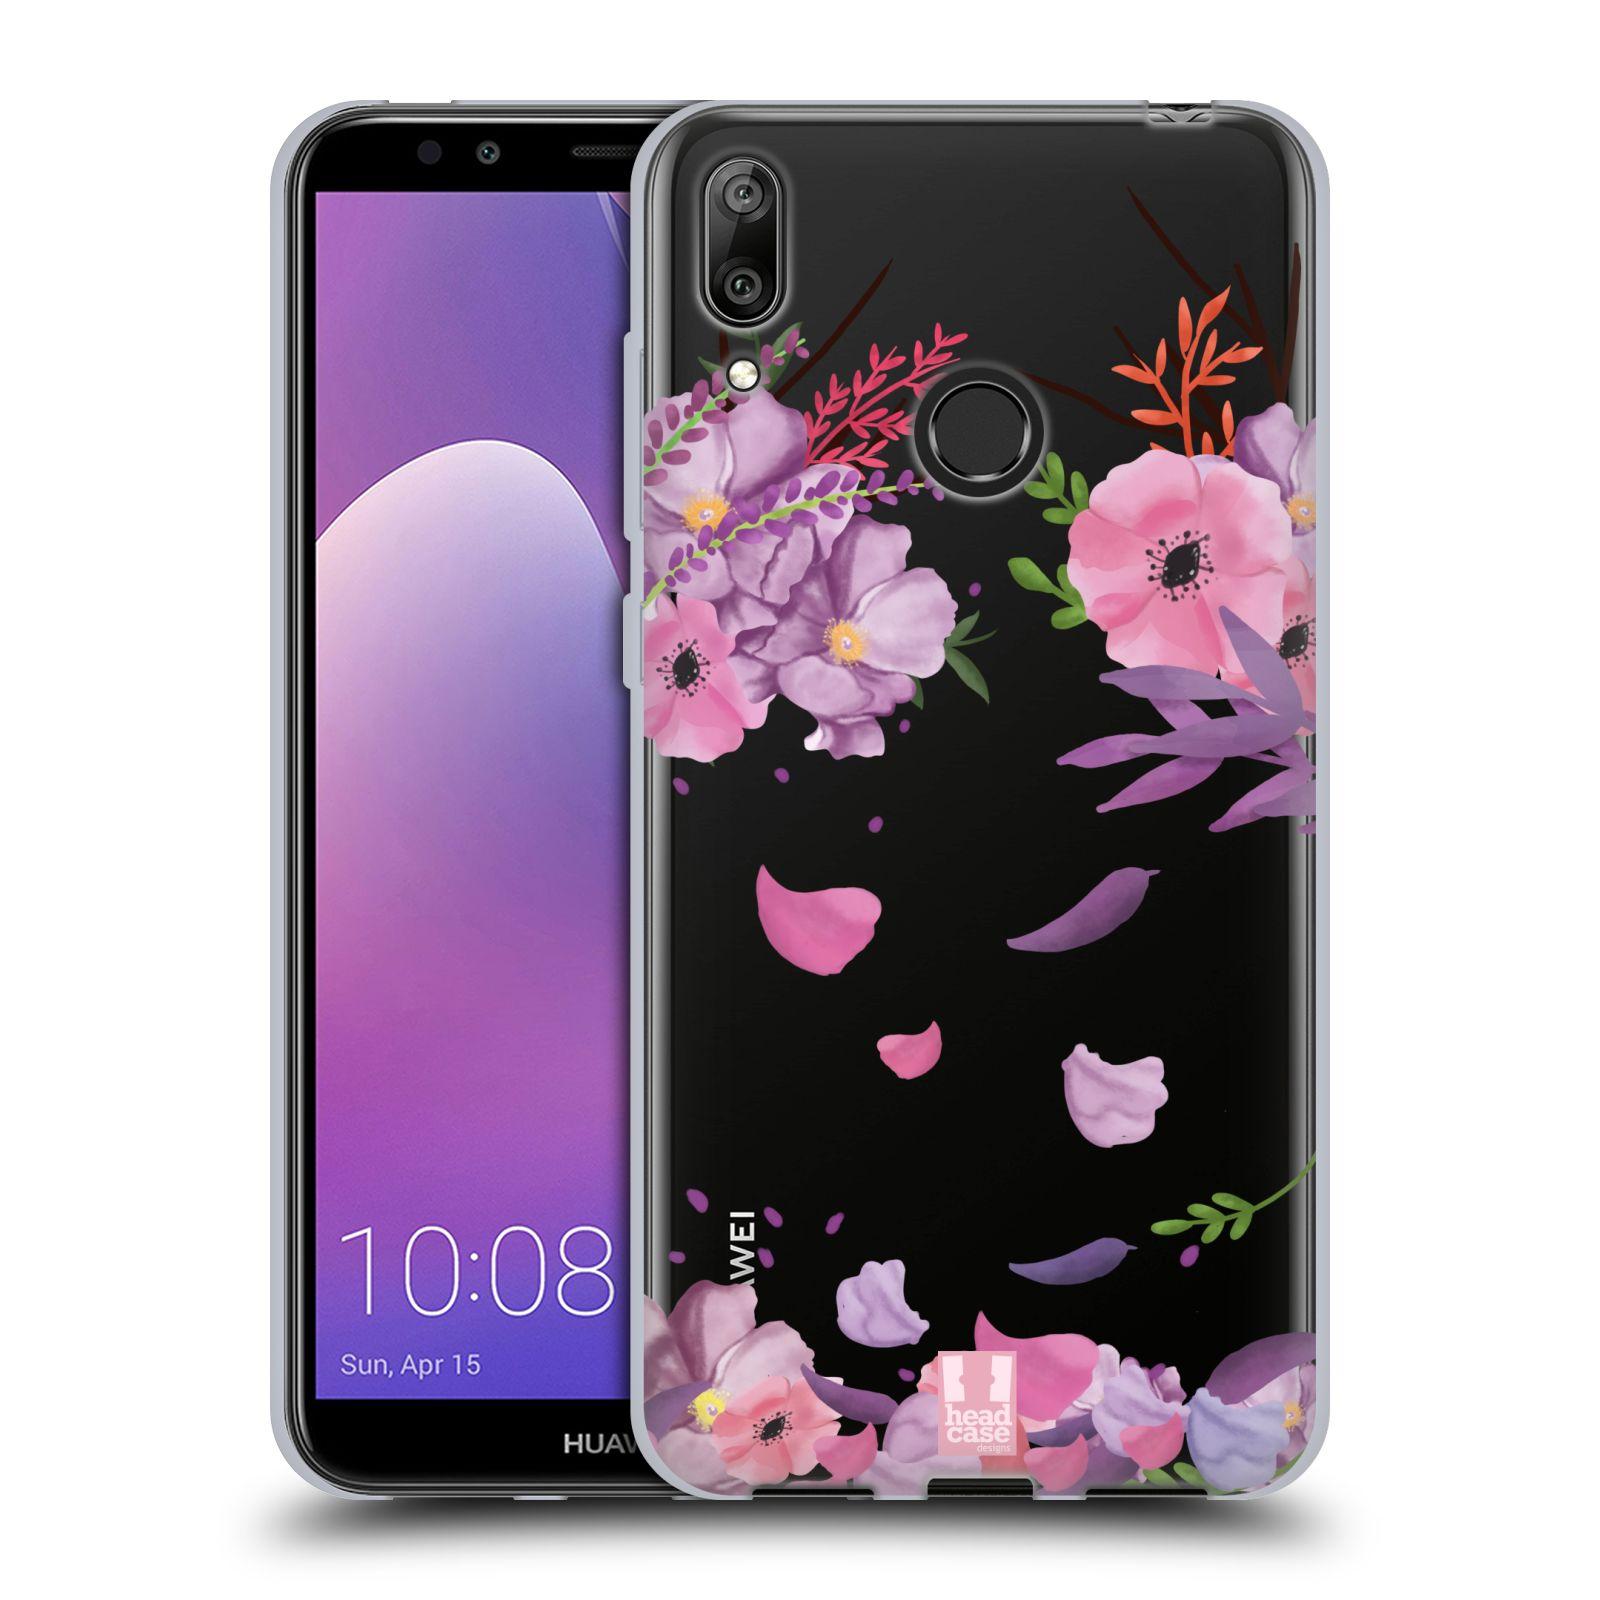 Silikonové pouzdro na mobil Huawei Y7 (2019) - Head Case - Okvětní lístky